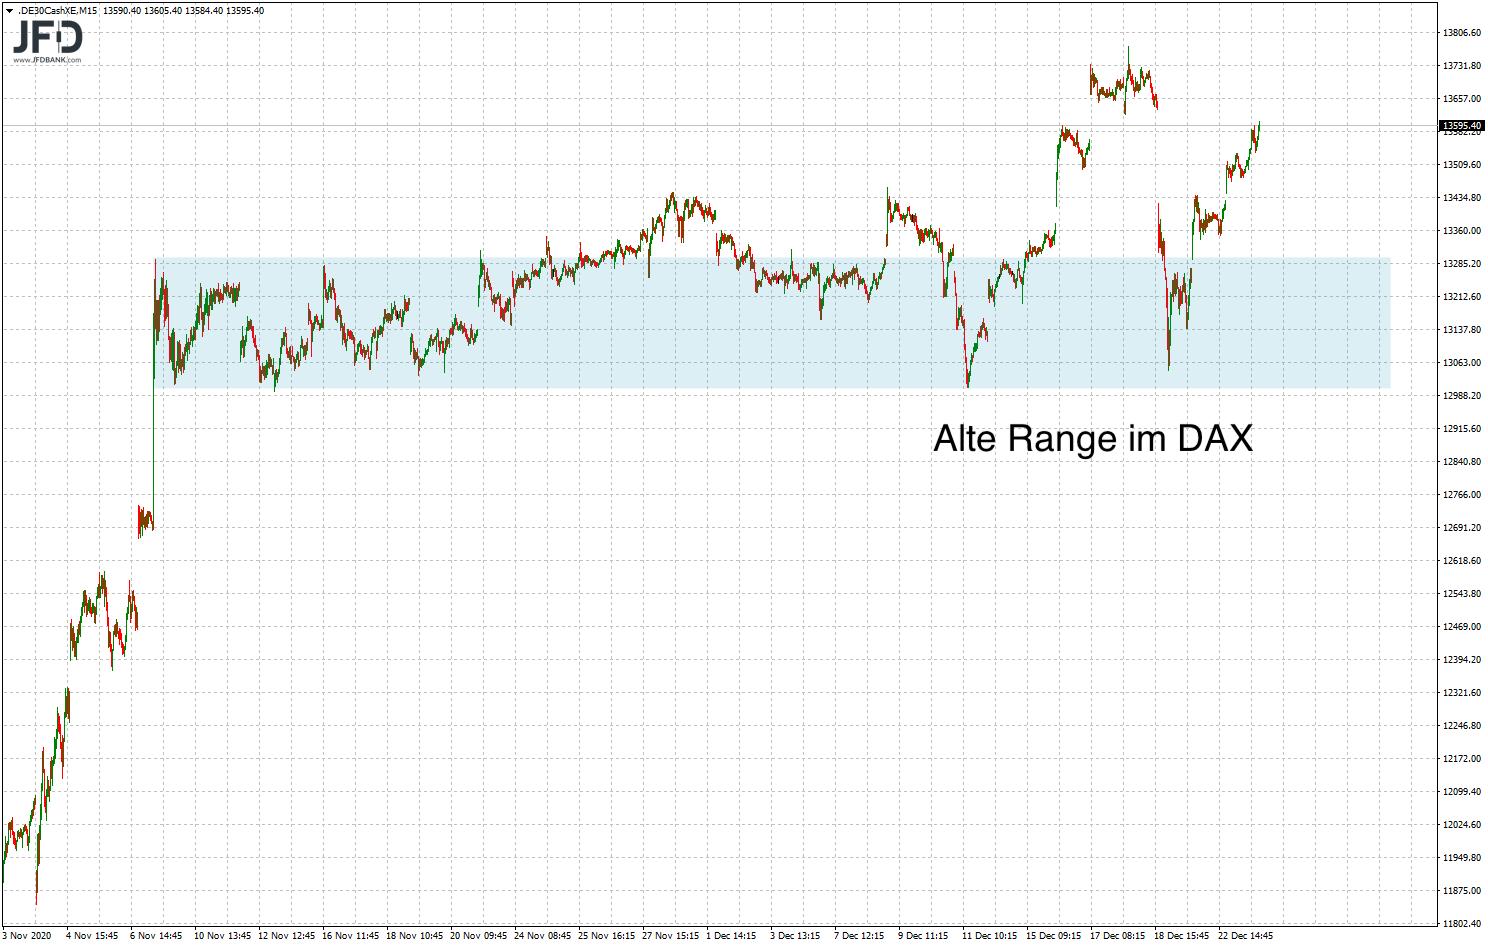 DAX-Range zurückgelassen